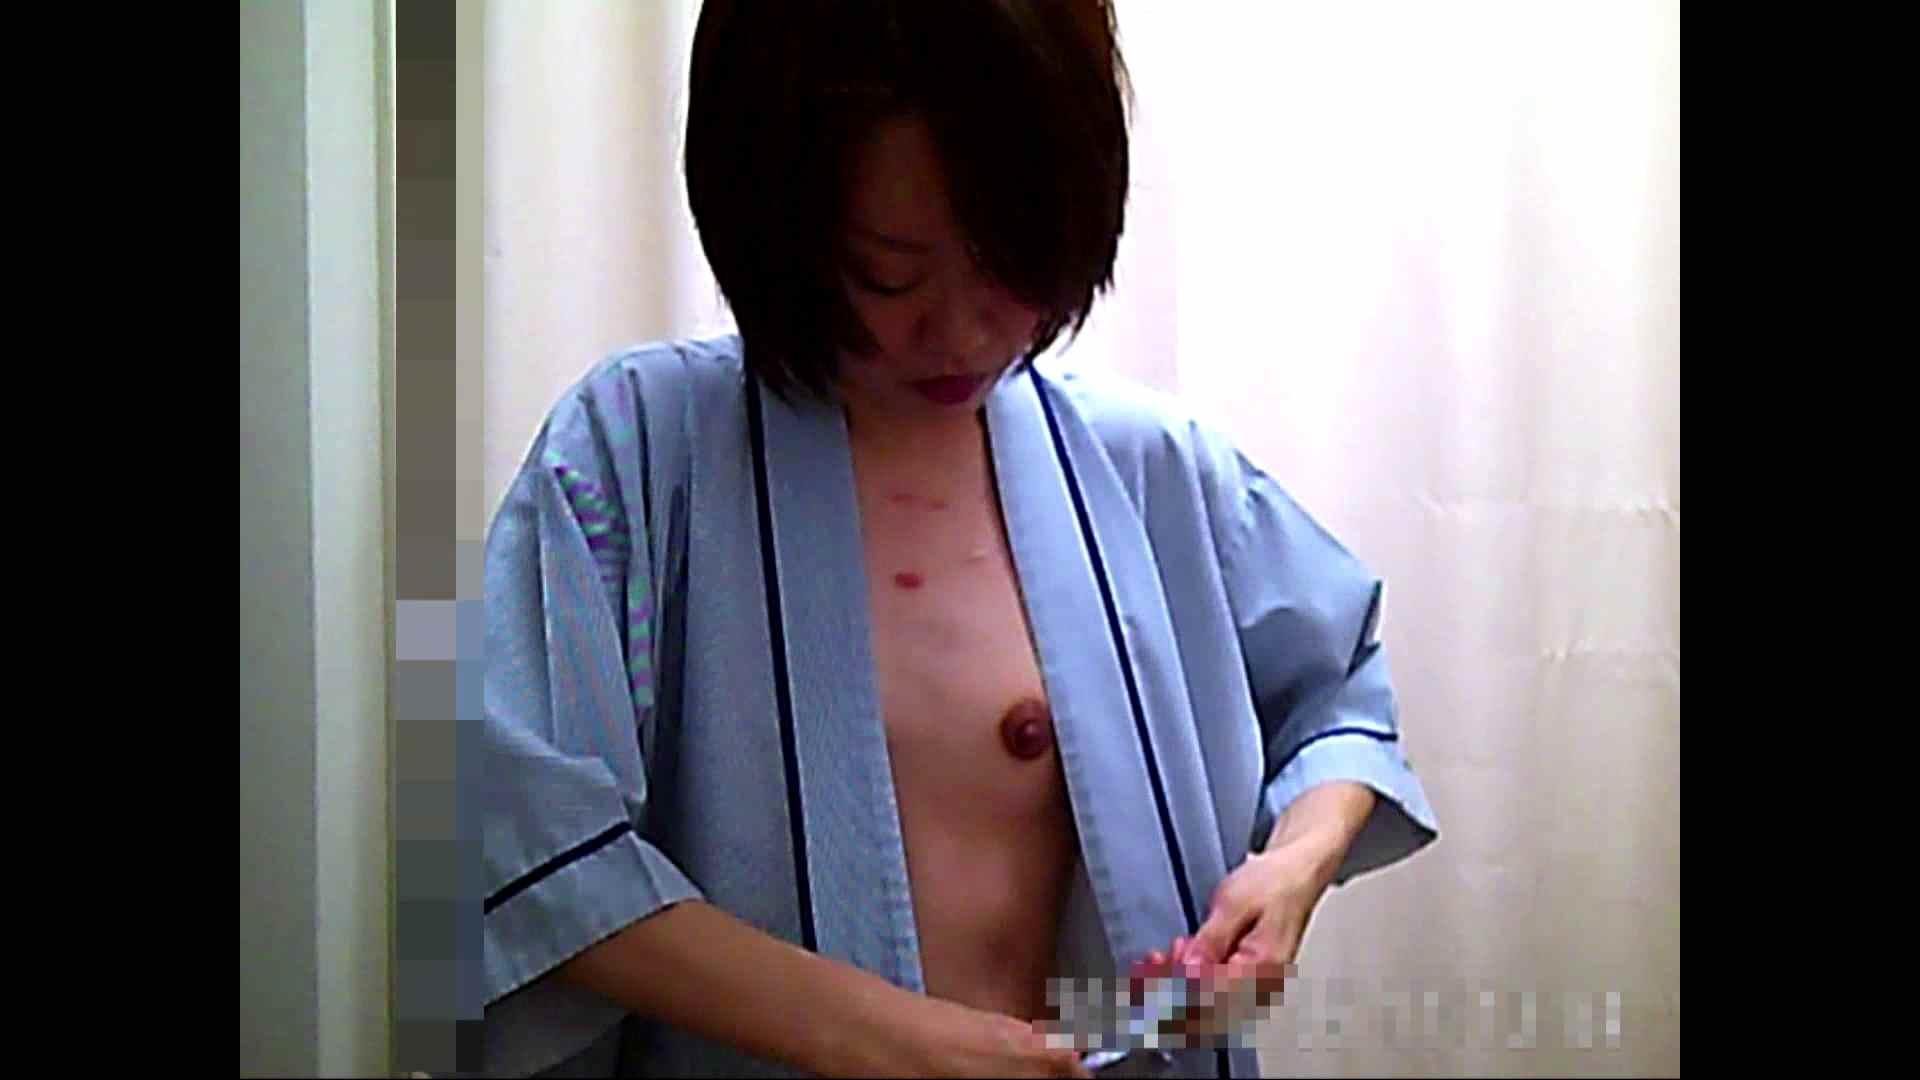 元医者による反抗 更衣室地獄絵巻 vol.065 OL女体   0  43連発 21